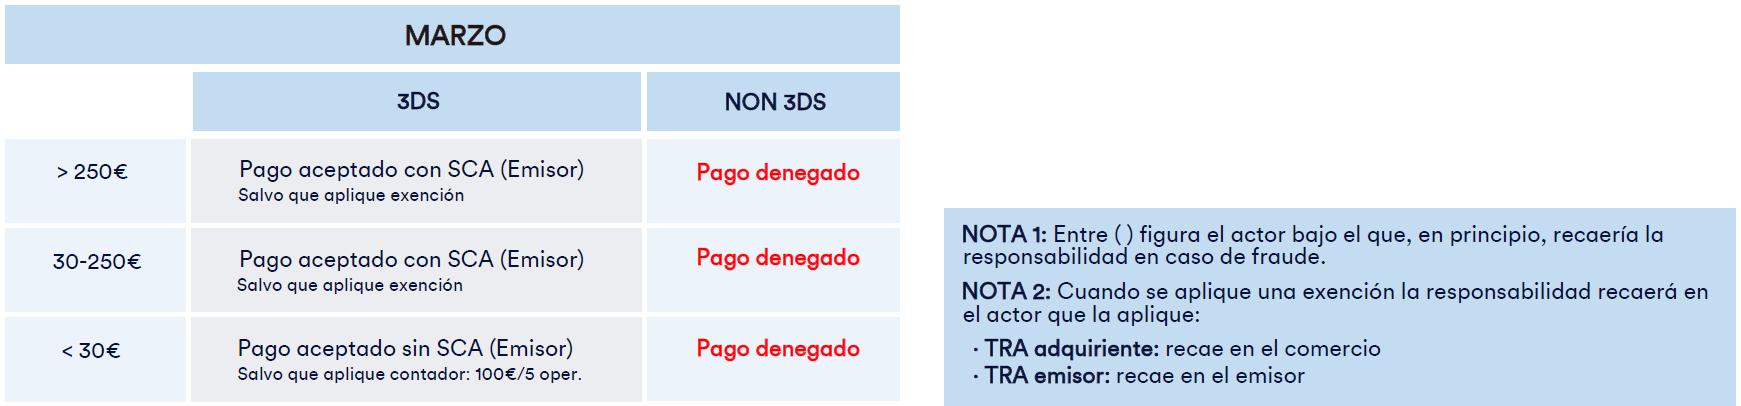 PSD2-MARZO-Y-NOTA-1